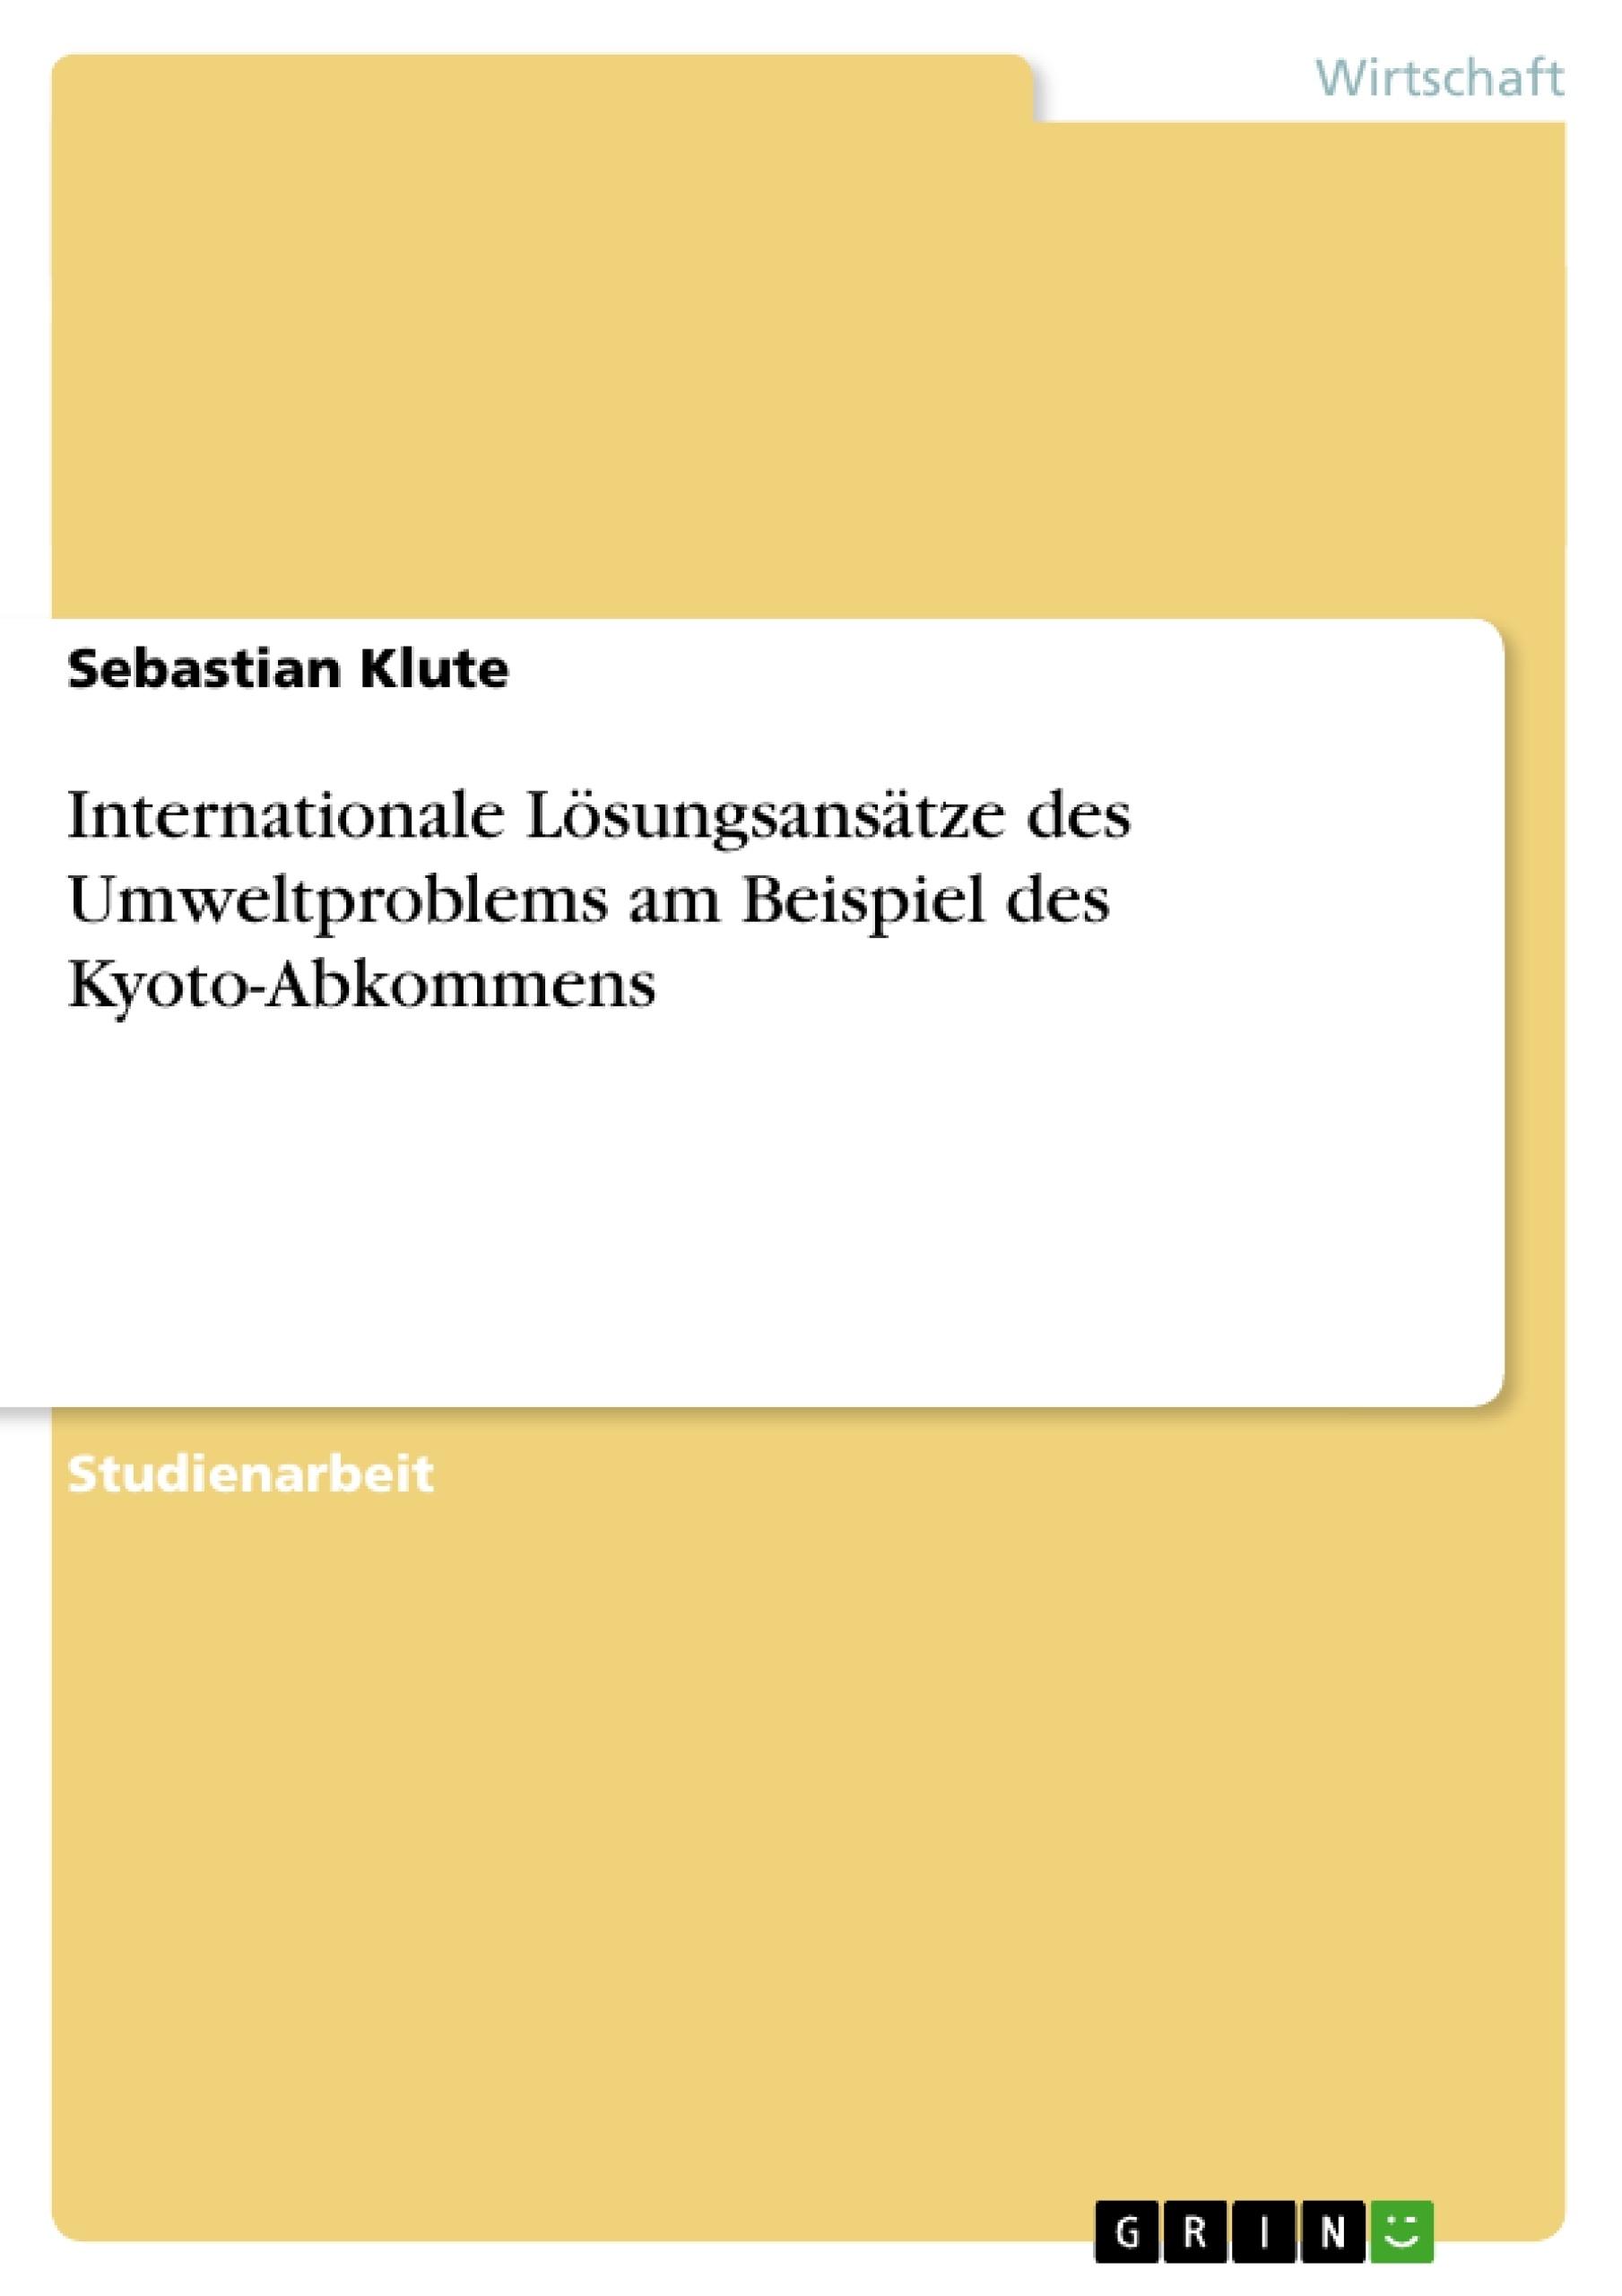 Titel: Internationale Lösungsansätze des Umweltproblems am Beispiel des Kyoto-Abkommens